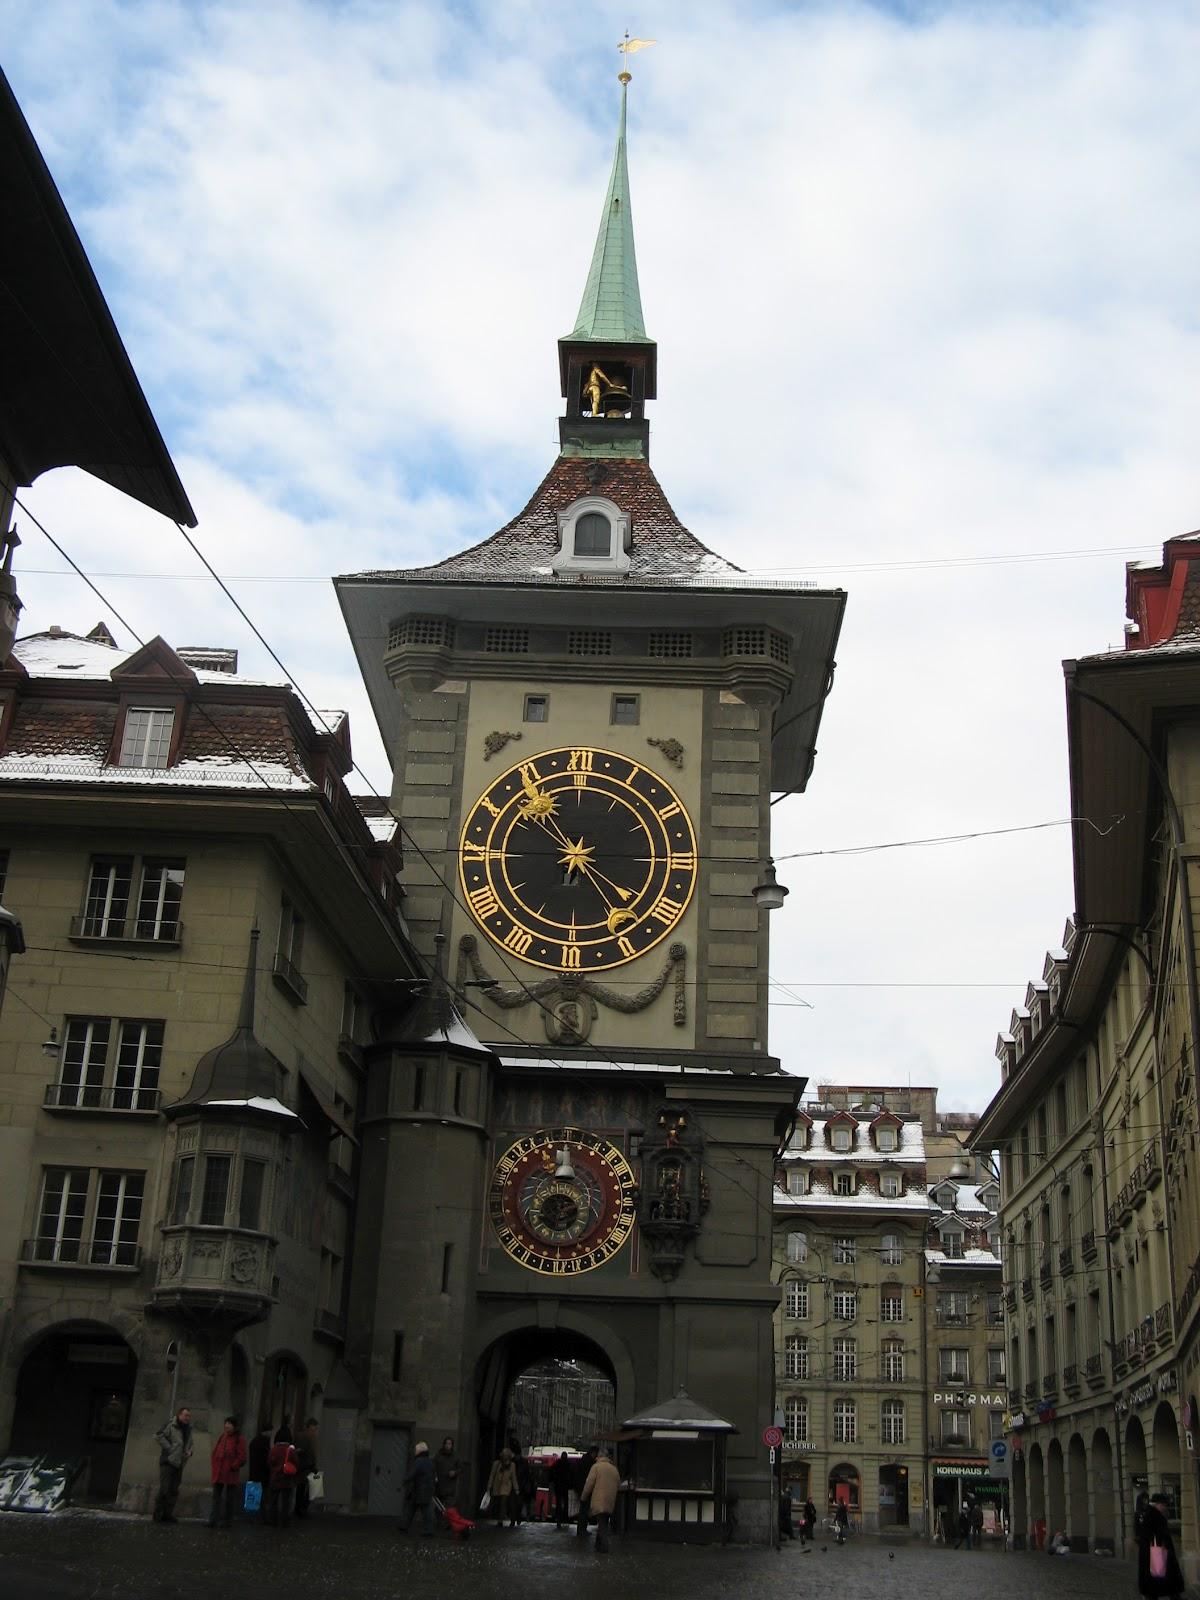 Bensozia Medieval Clocks